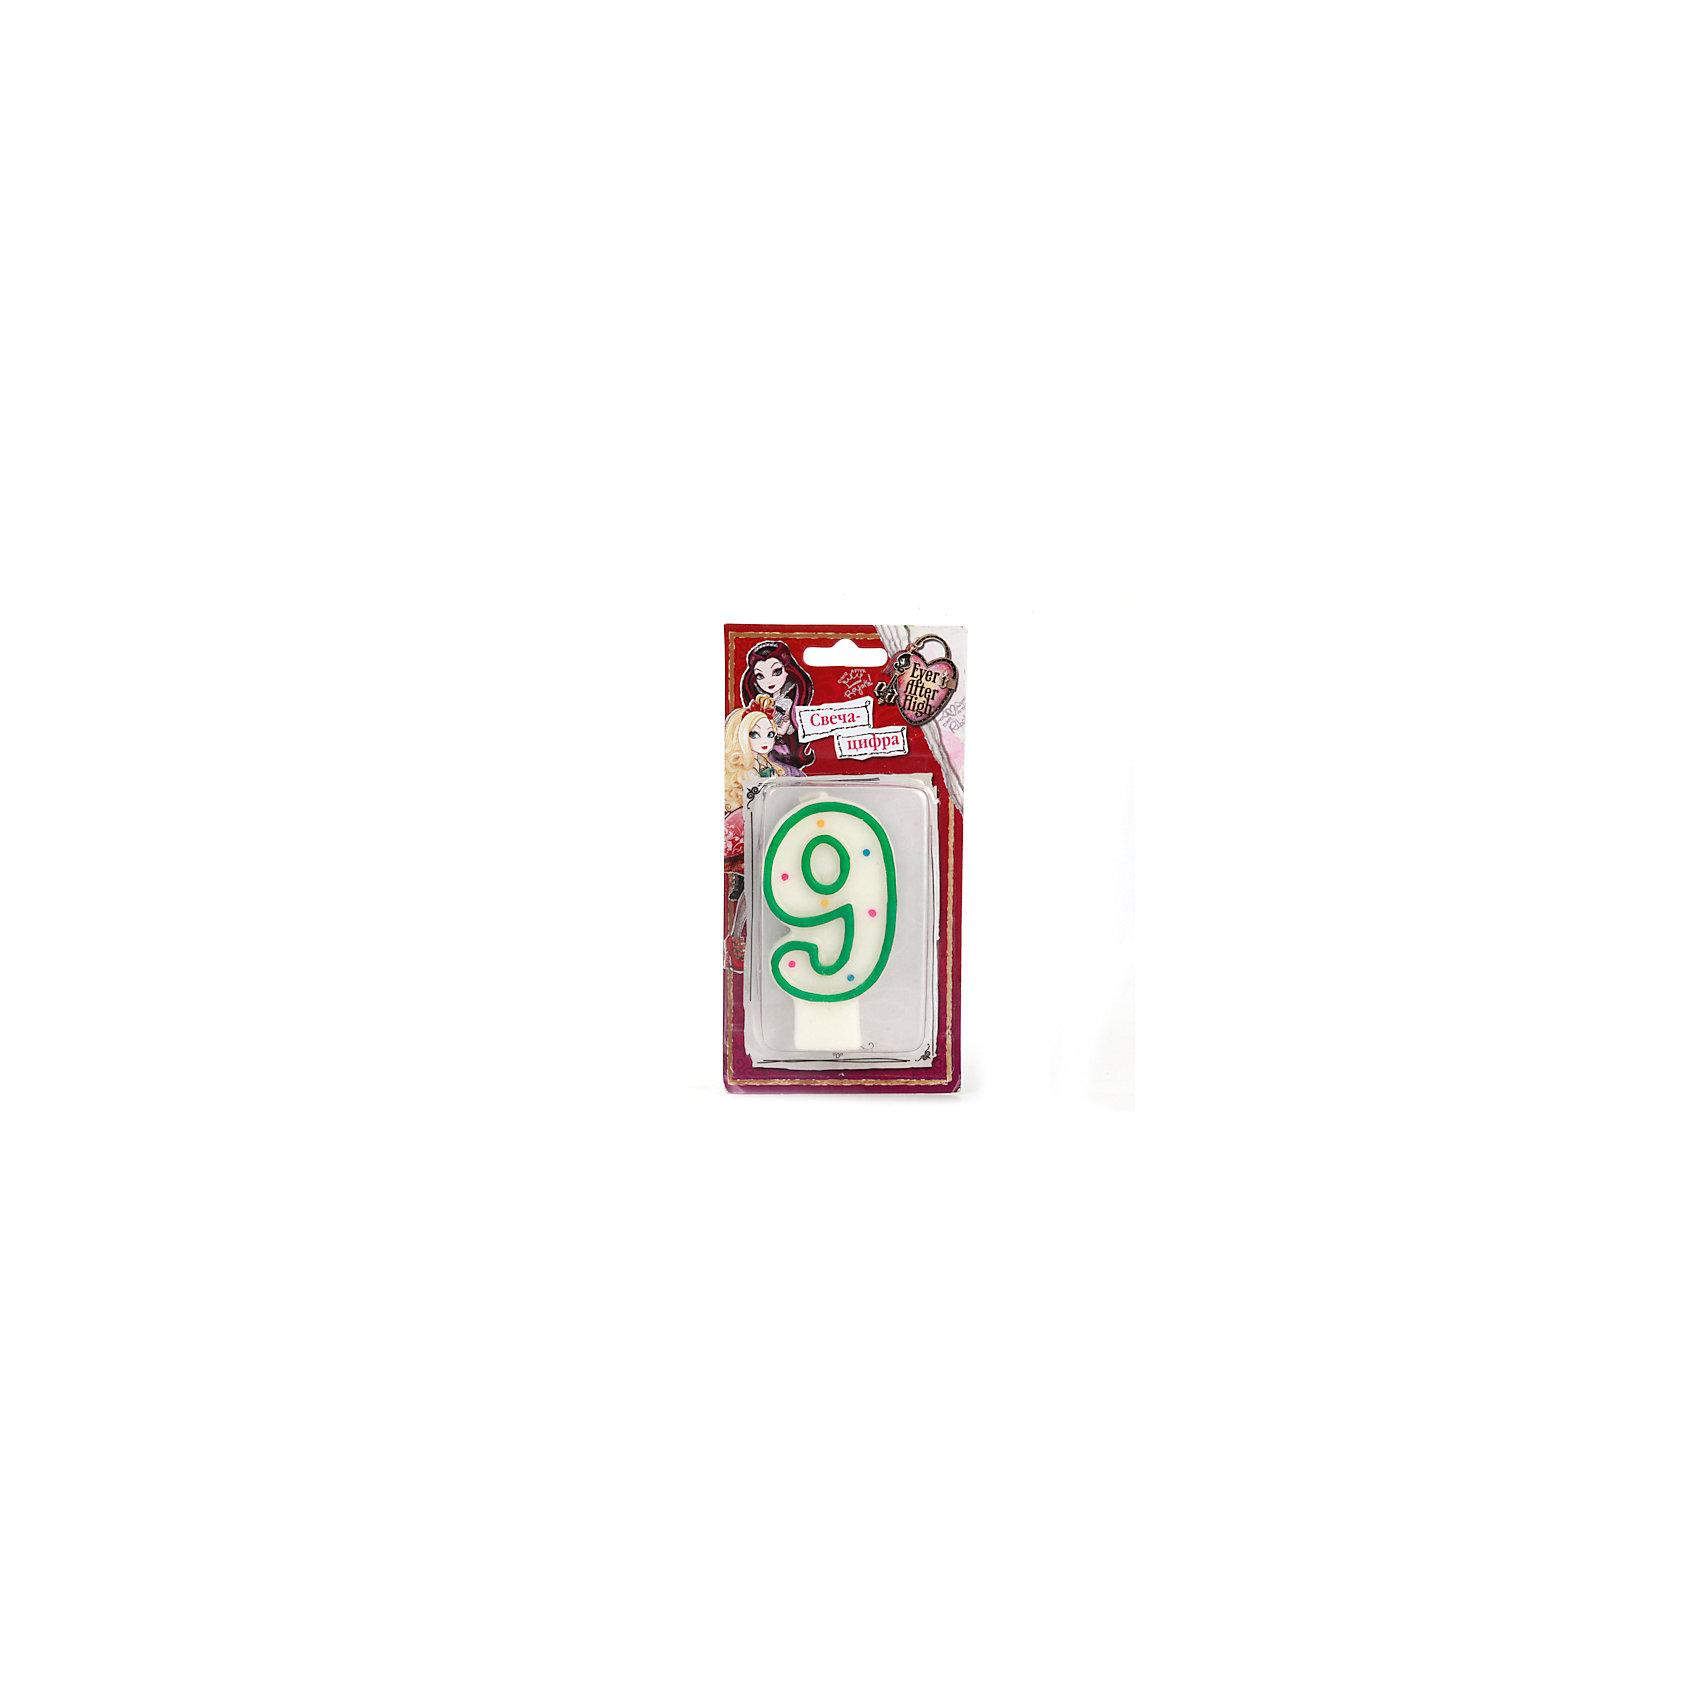 Свеча-цифра 9, Еver after highХарактеристики товара:<br><br>• размер упаковки: 2х15х8 см<br>• вес: 30 г<br>• материал: парафин<br>• упаковка: блистер<br>• страна бренда: РФ<br>• страна изготовитель: РФ<br><br>Такой предмет станет отличным сюрпризом для детей на праздник! Свеча отличается тем, что на её упаковке изображены любимые герои многих детей. Предмет поможет создать праздничное настроение, особенно - в компании детей. <br>Свеча выпущена в удобном формате, размер изделия - универсальный. Свеча производится из качественных и проверенных материалов, которые безопасны для детей.<br><br>Свечу-цифру 9, Еver after high, от российского бренда Веселый праздник можно купить в нашем интернет-магазине.<br><br>Ширина мм: 20<br>Глубина мм: 80<br>Высота мм: 150<br>Вес г: 30<br>Возраст от месяцев: 12<br>Возраст до месяцев: 72<br>Пол: Женский<br>Возраст: Детский<br>SKU: 5196953